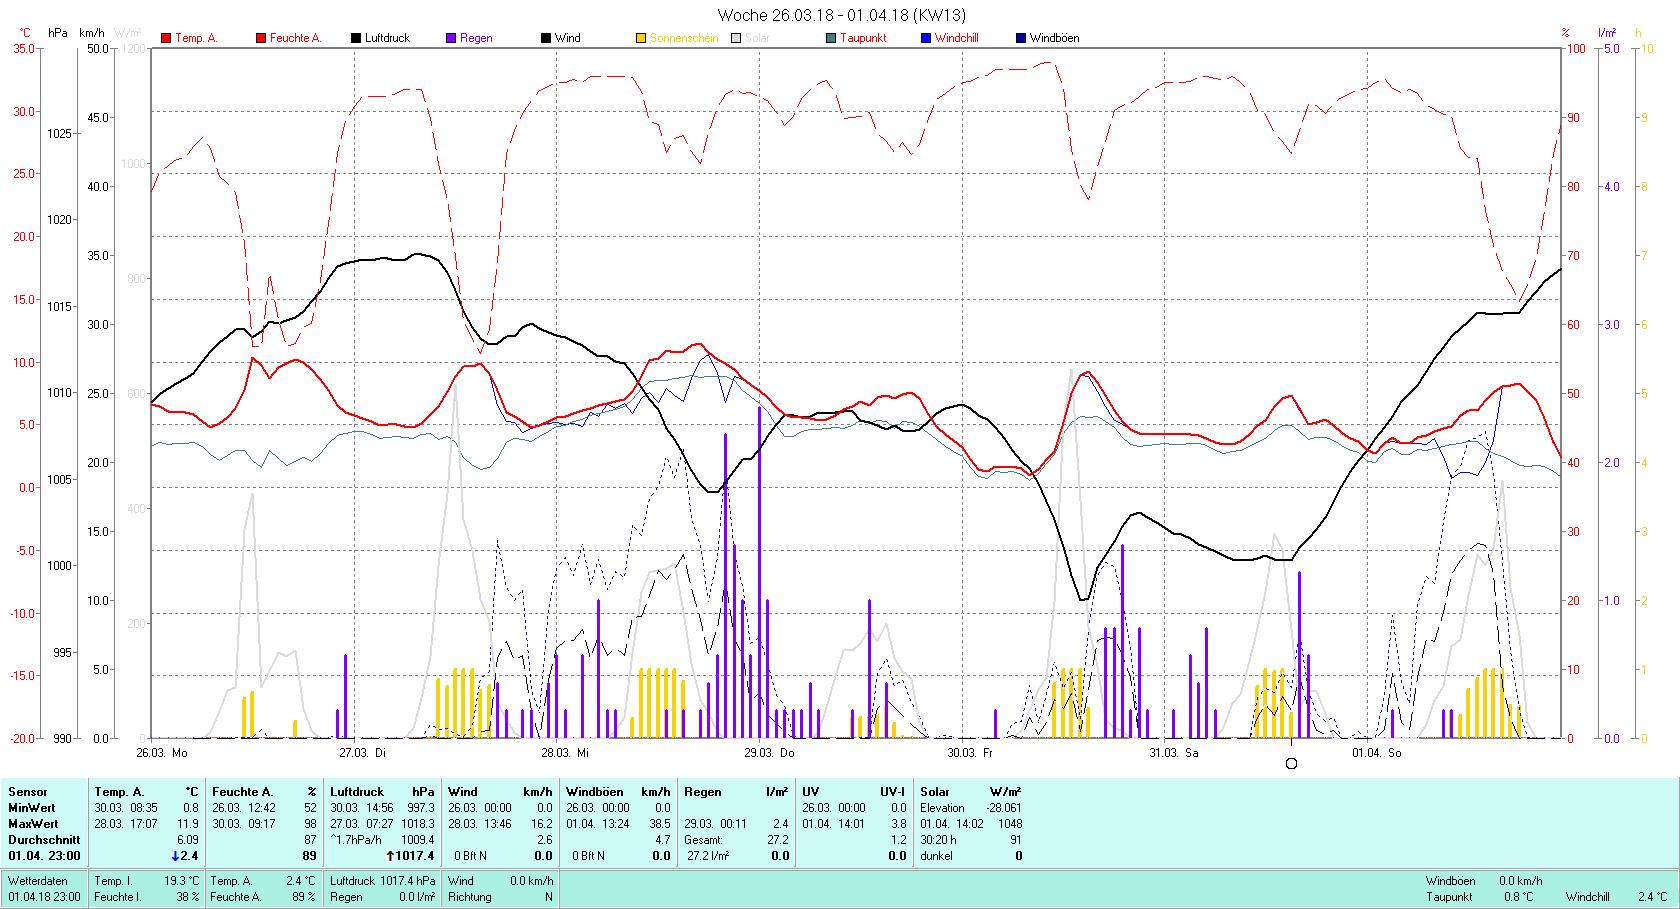 KW 13 Tmin 0.8°C, Tmax 11.9°C, Sonne 30:20 h Niederschlag 27.2 mm2